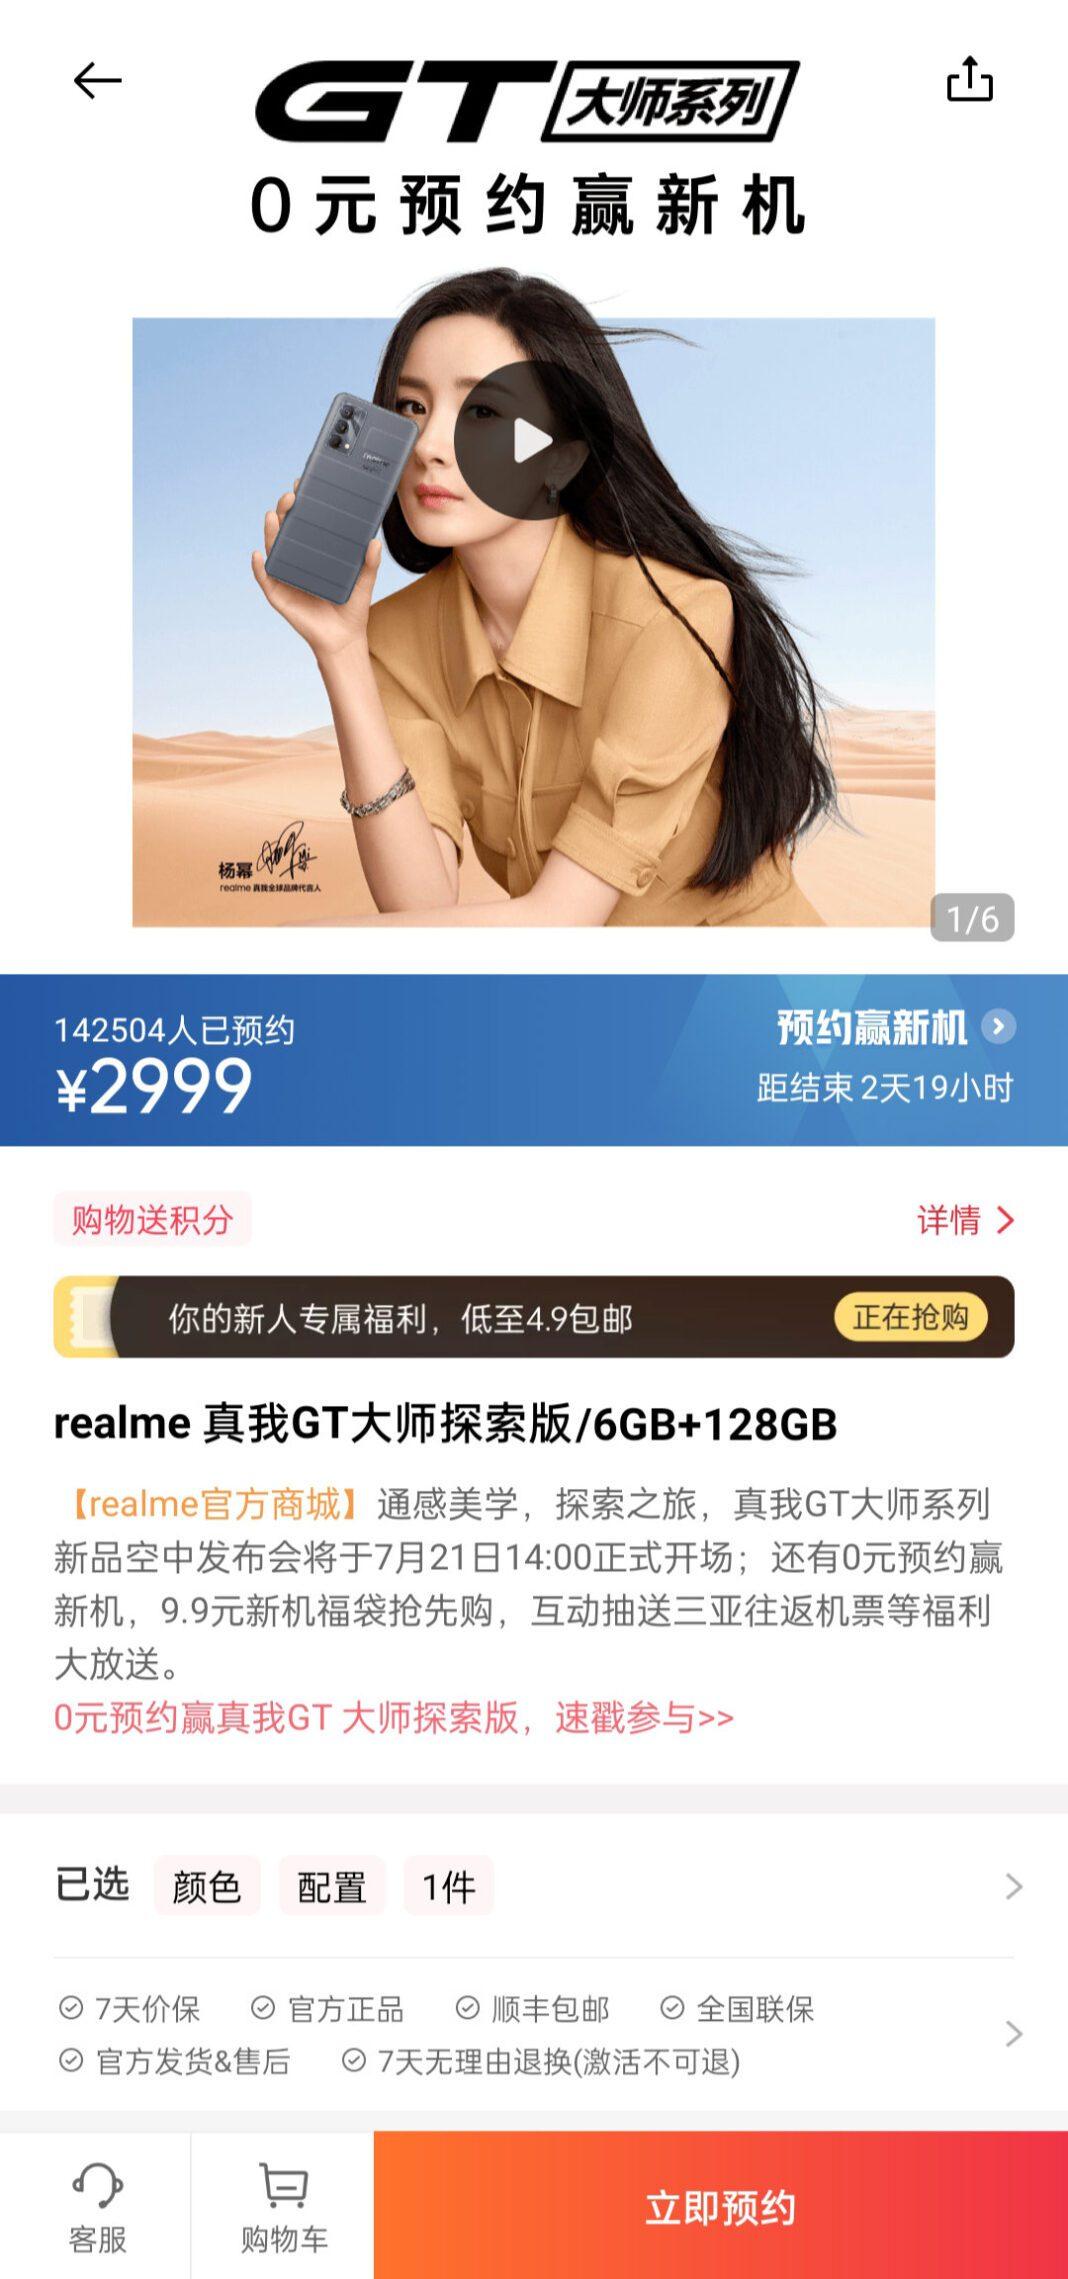 Цены на Realme GT Explorer Master Edition просочились перед запуском